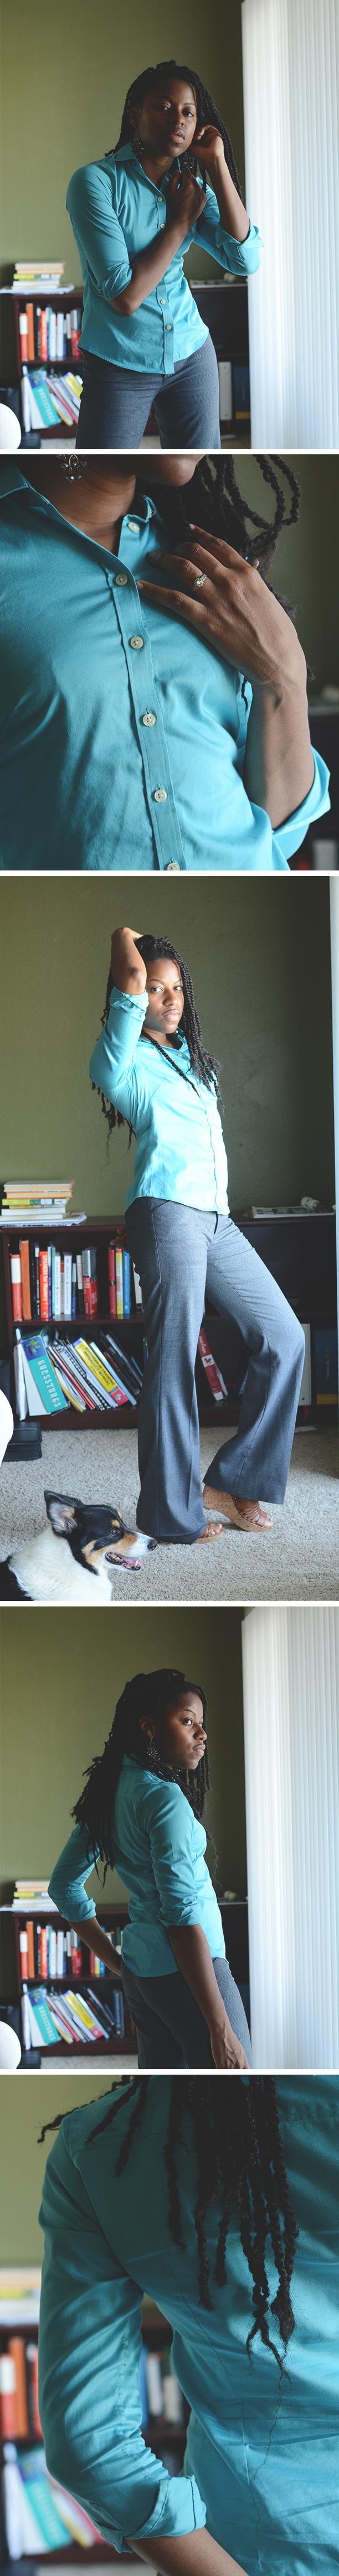 My Friend Elle June 23rd OOTD